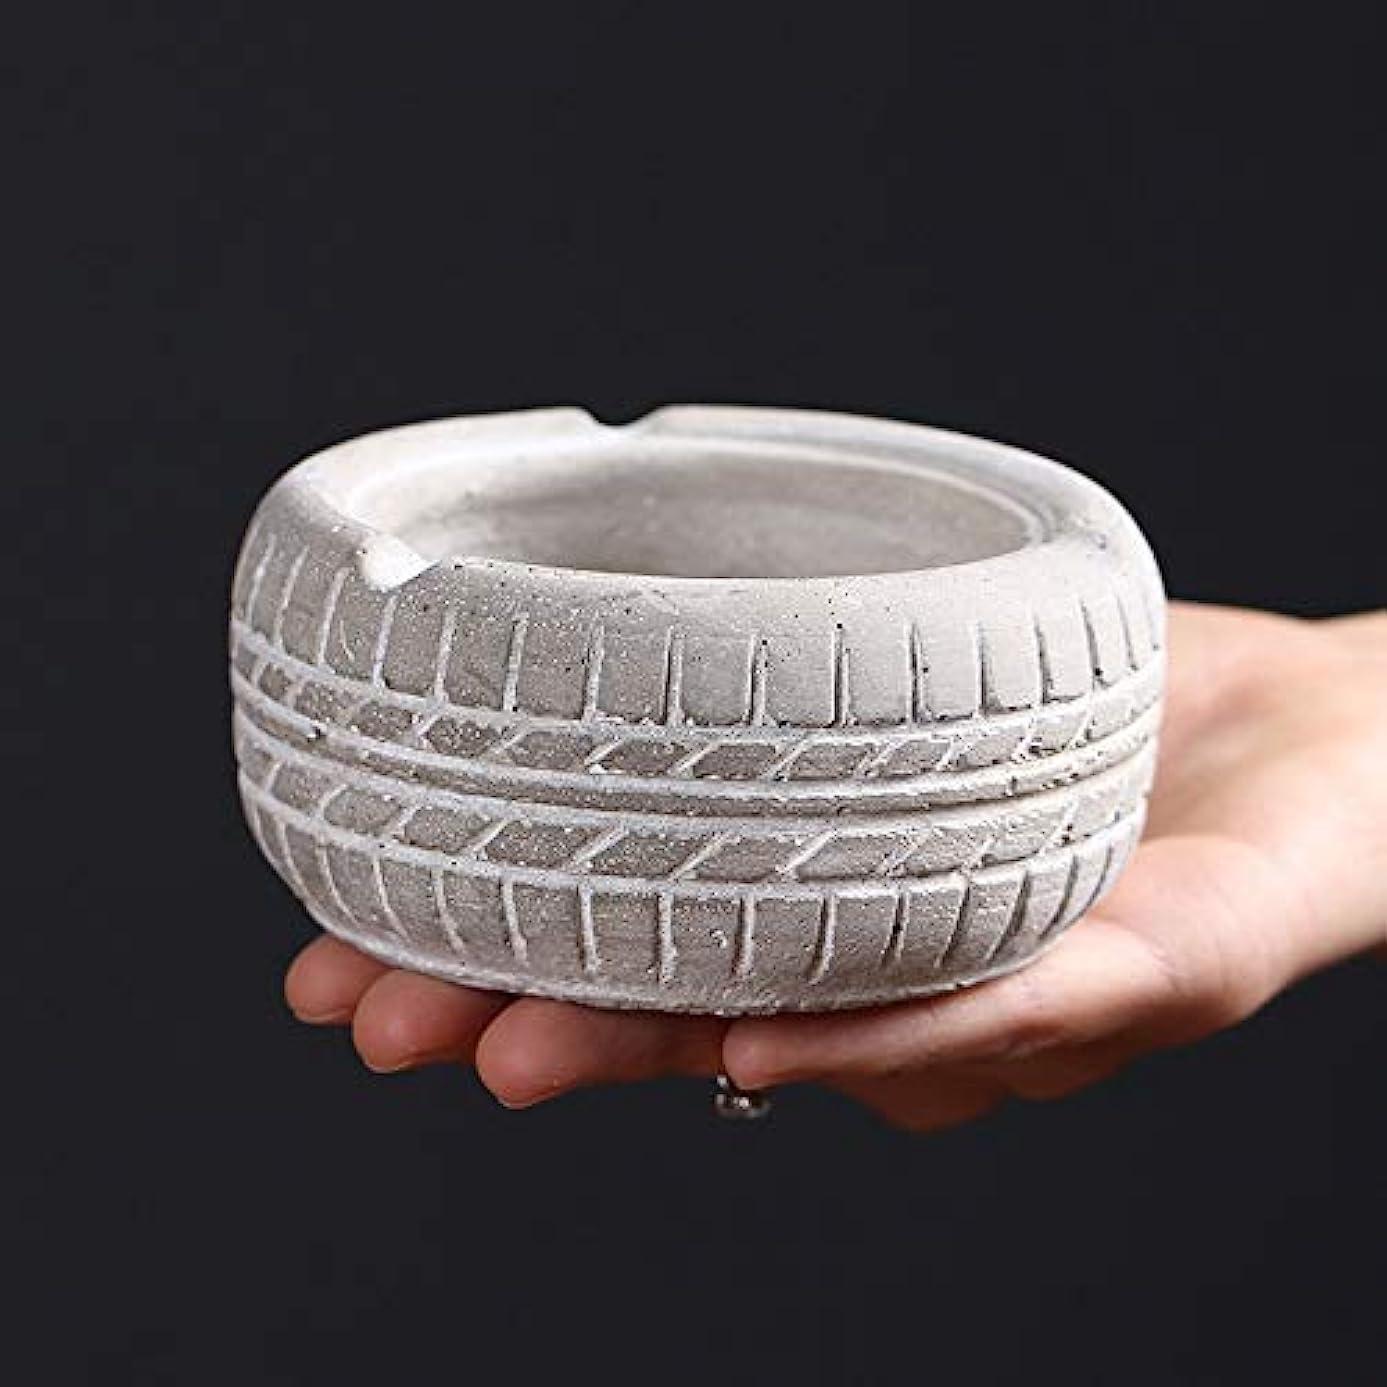 学者不確実価格レトロな灰皿のタイヤの形、パーソナライズされた創造的な灰皿のデスクトップの装飾品、から選択するさまざまな色 (Size : 白)